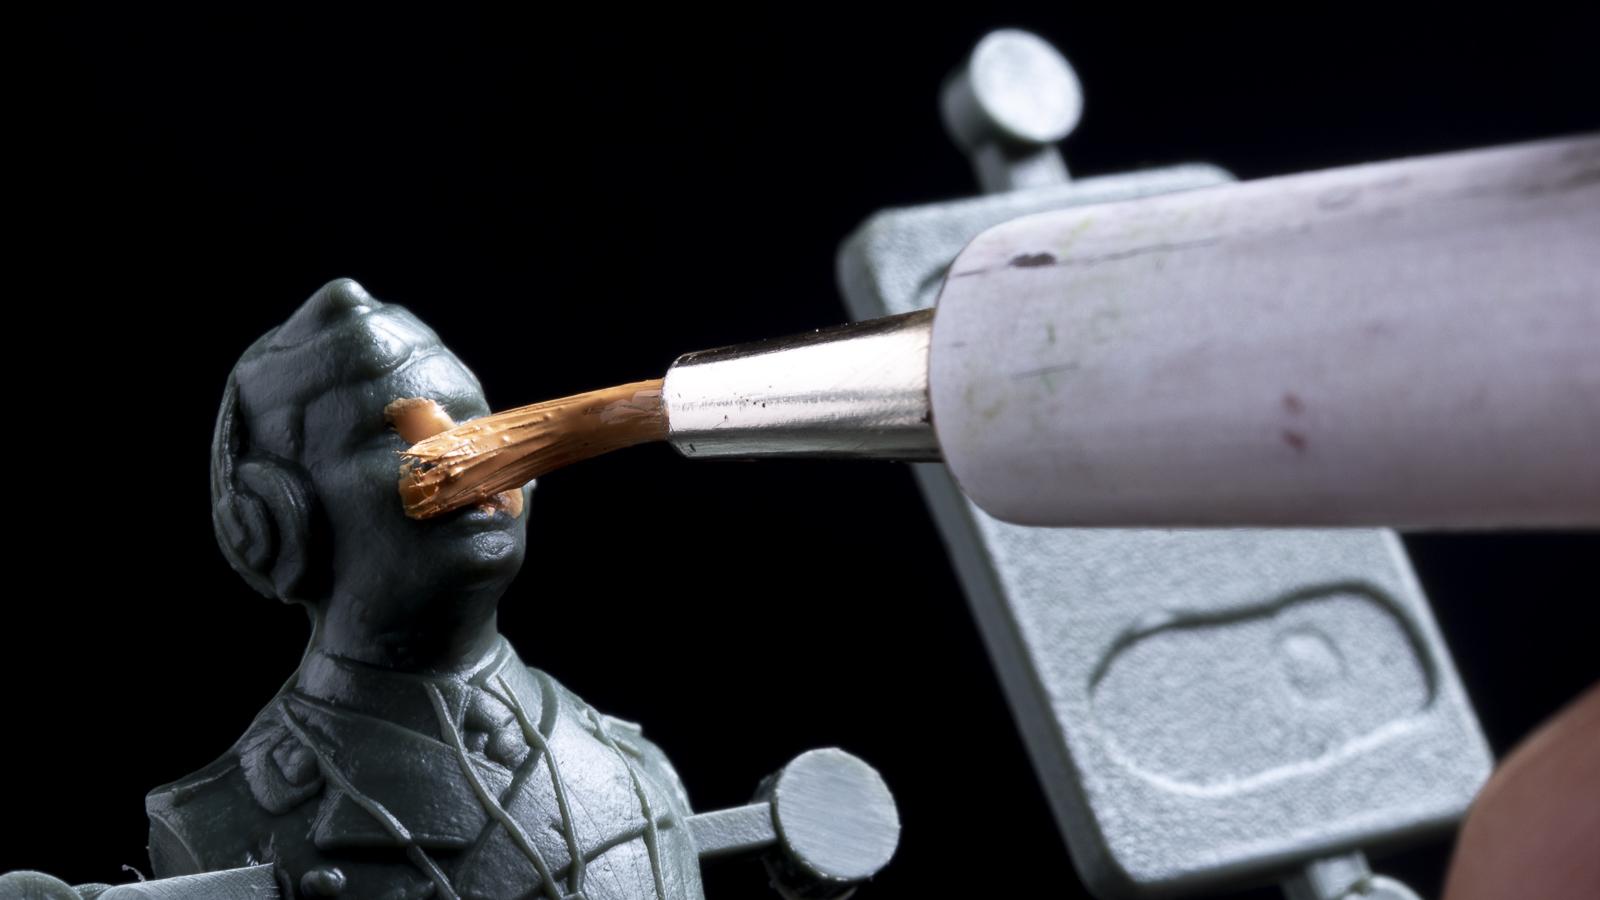 タミヤの最新魔法汁でイケメンフィギュアを錬成する_b0029315_23142712.jpg